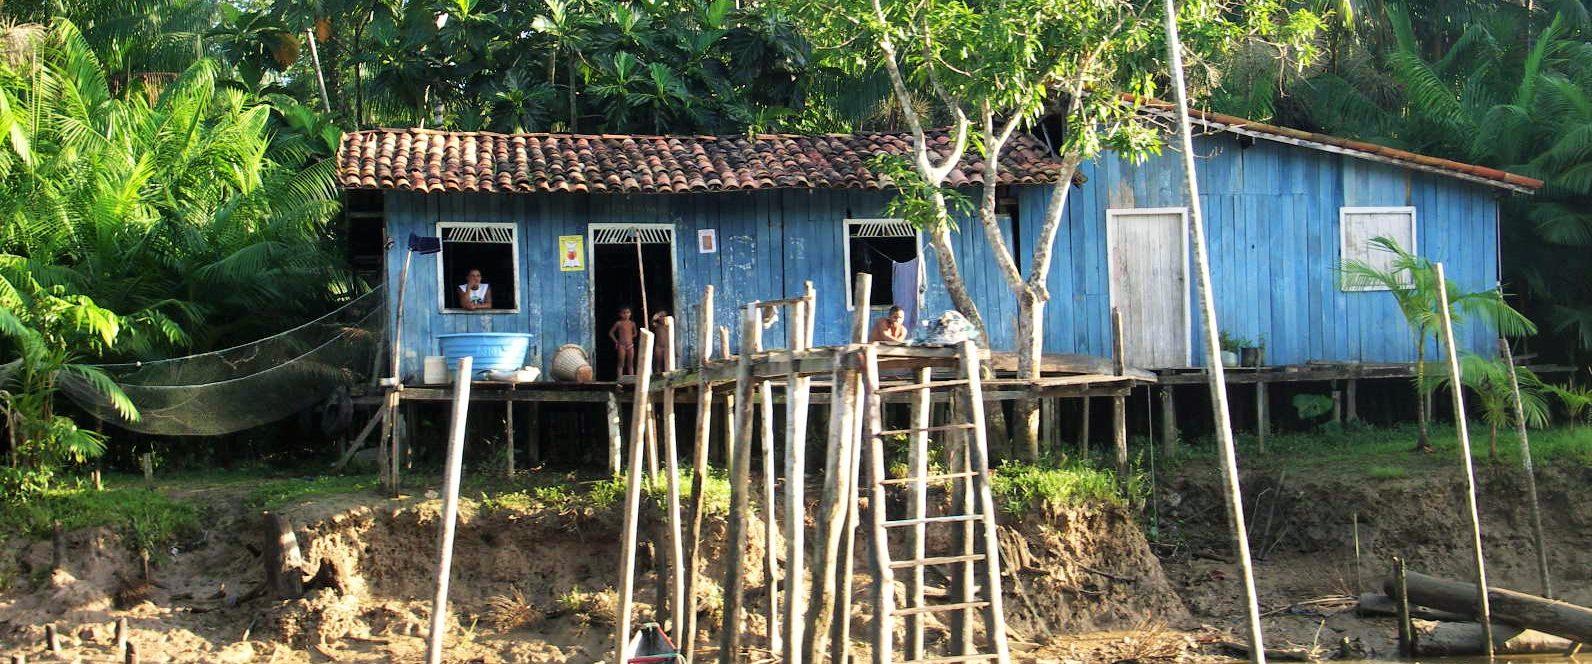 Habitation Manaus Bré'sil